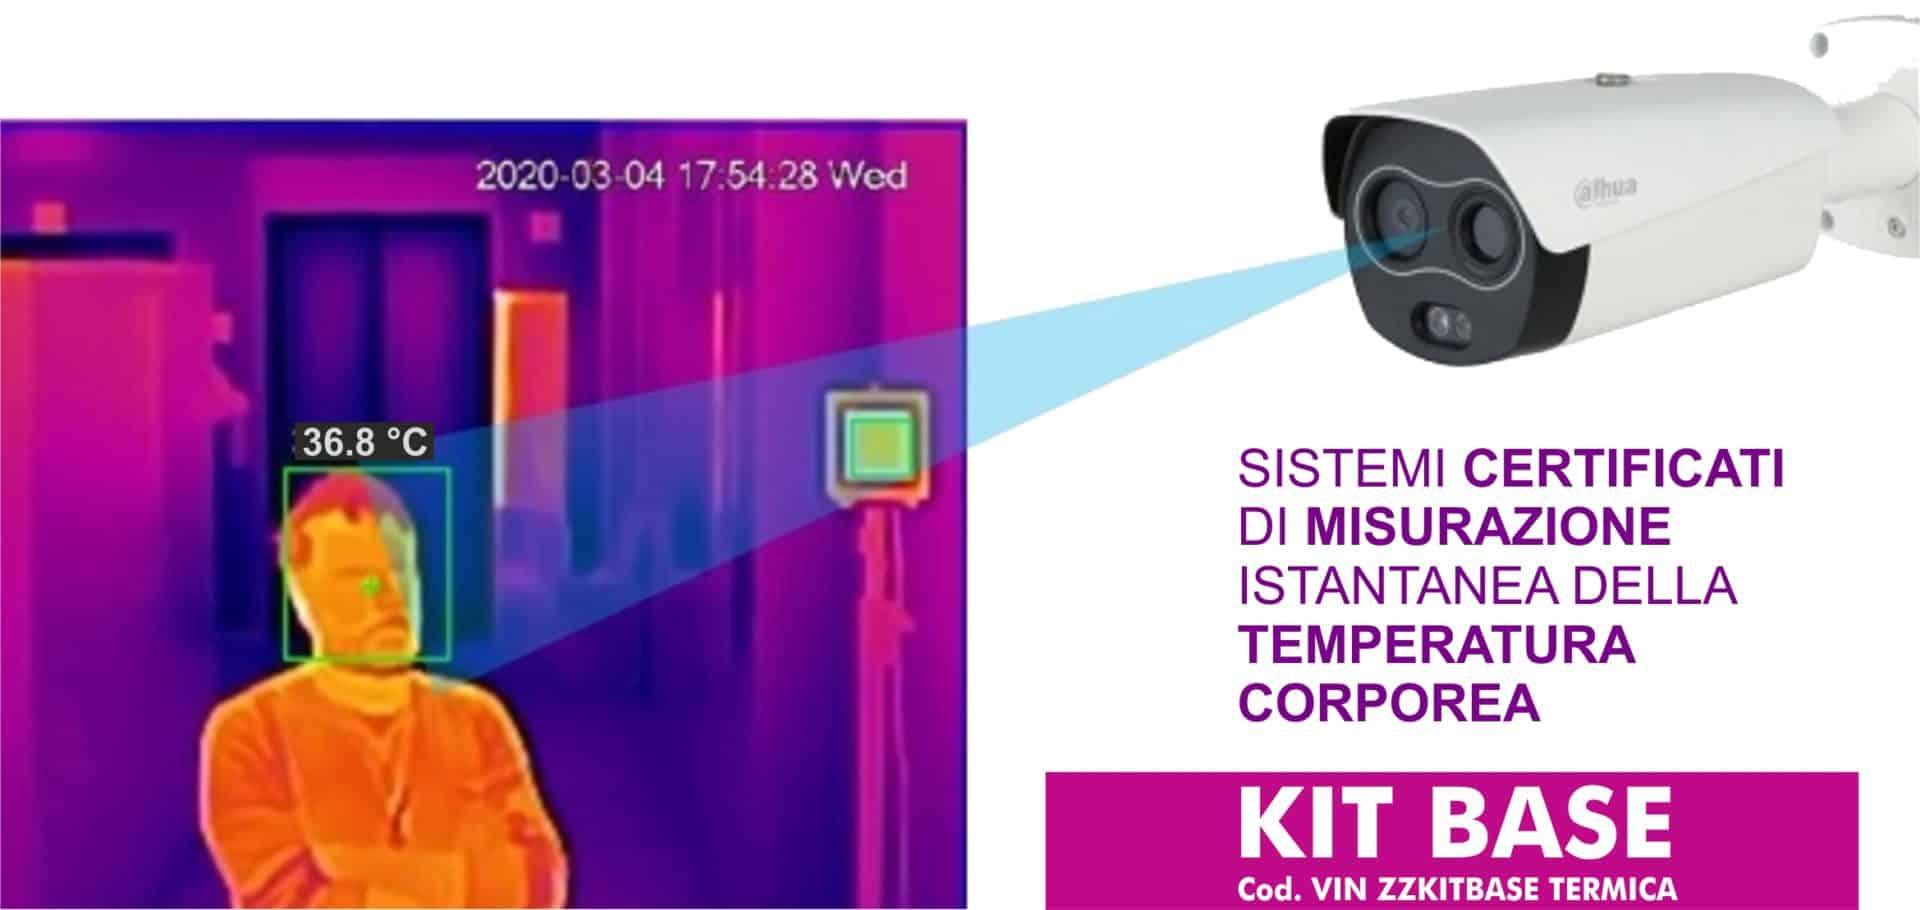 Covid-19 dispositivi di protezione | Elettrogruppo ZeroUno | Torino | misurazione istantanea temperatura